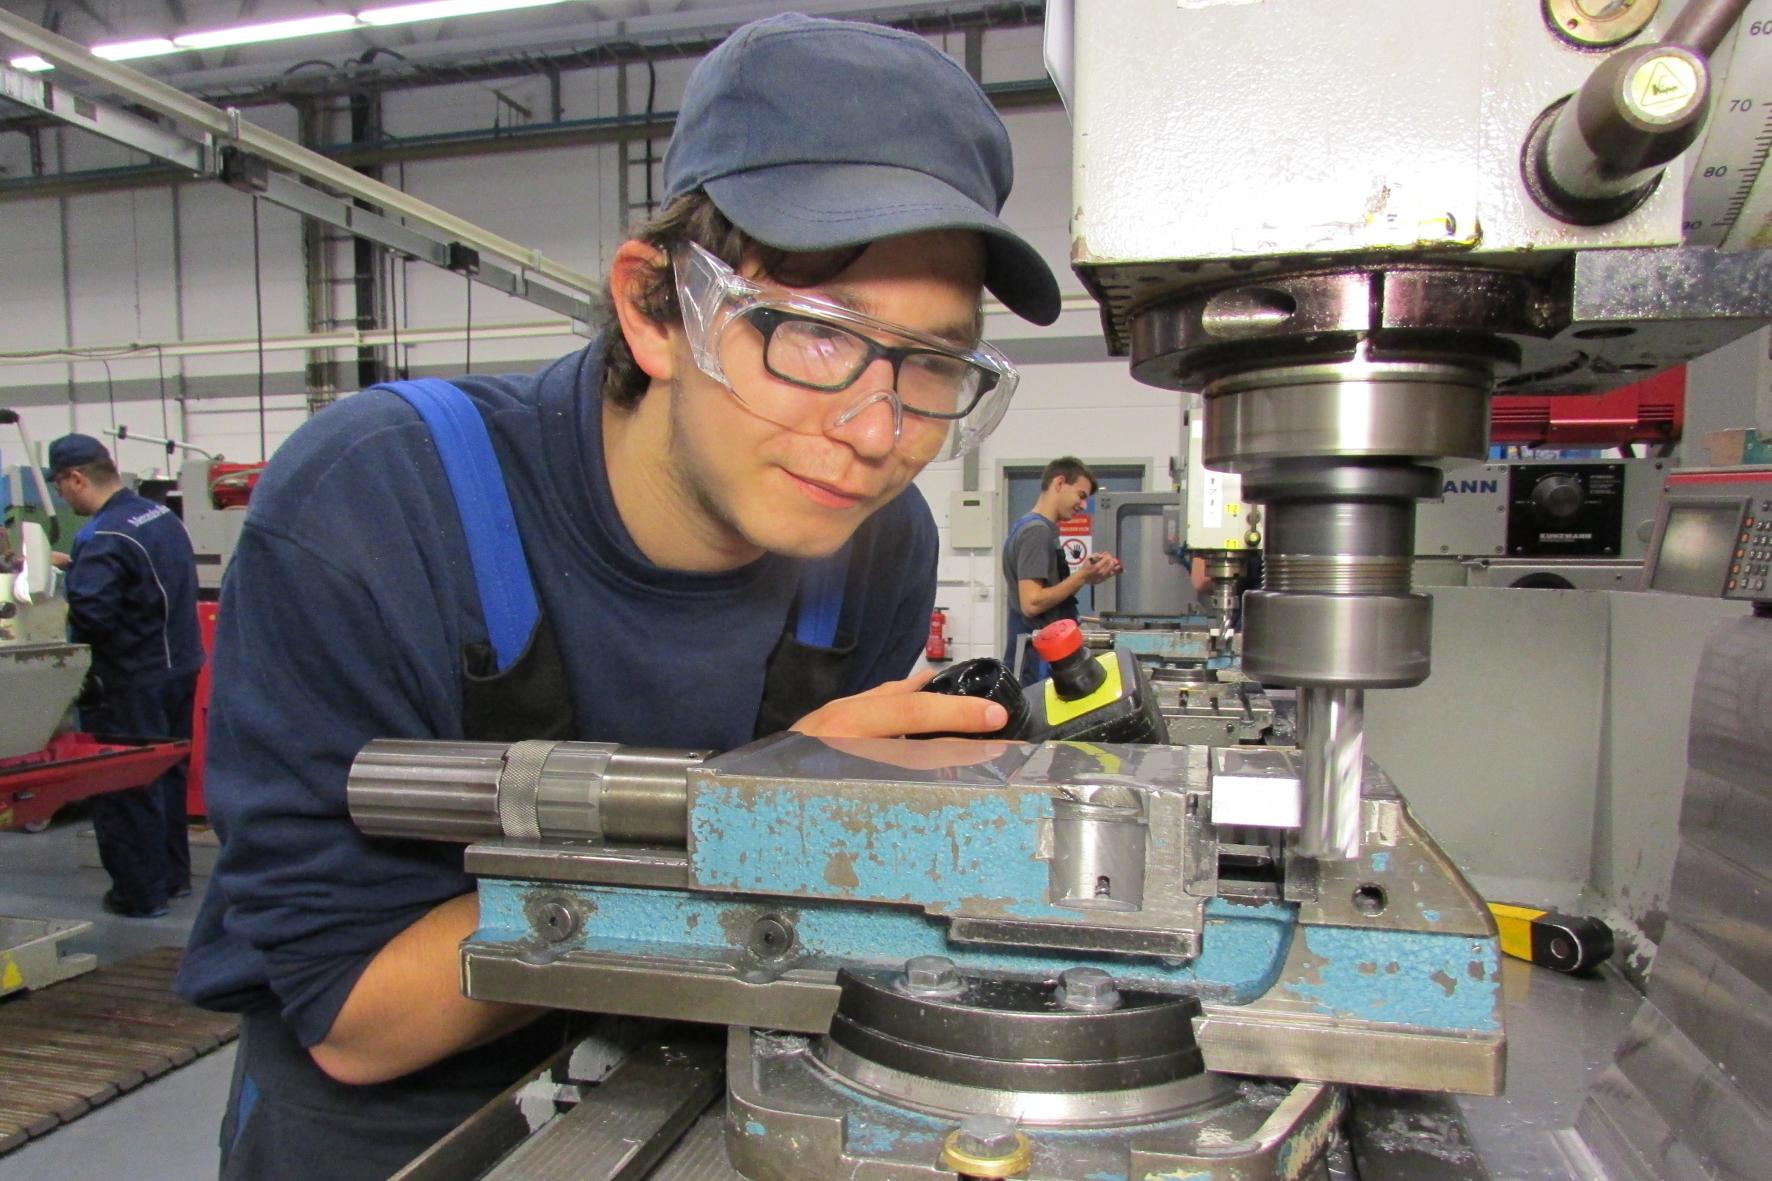 mid Groß-Gerau - Vielfalt ist mehr als ein Modewort: Bei Daimler arbeiten in Deutschland mehr als 8.800 Mitarbeiter mit Behinderung. Das sind rund sechs Prozent der Beschäftigten.